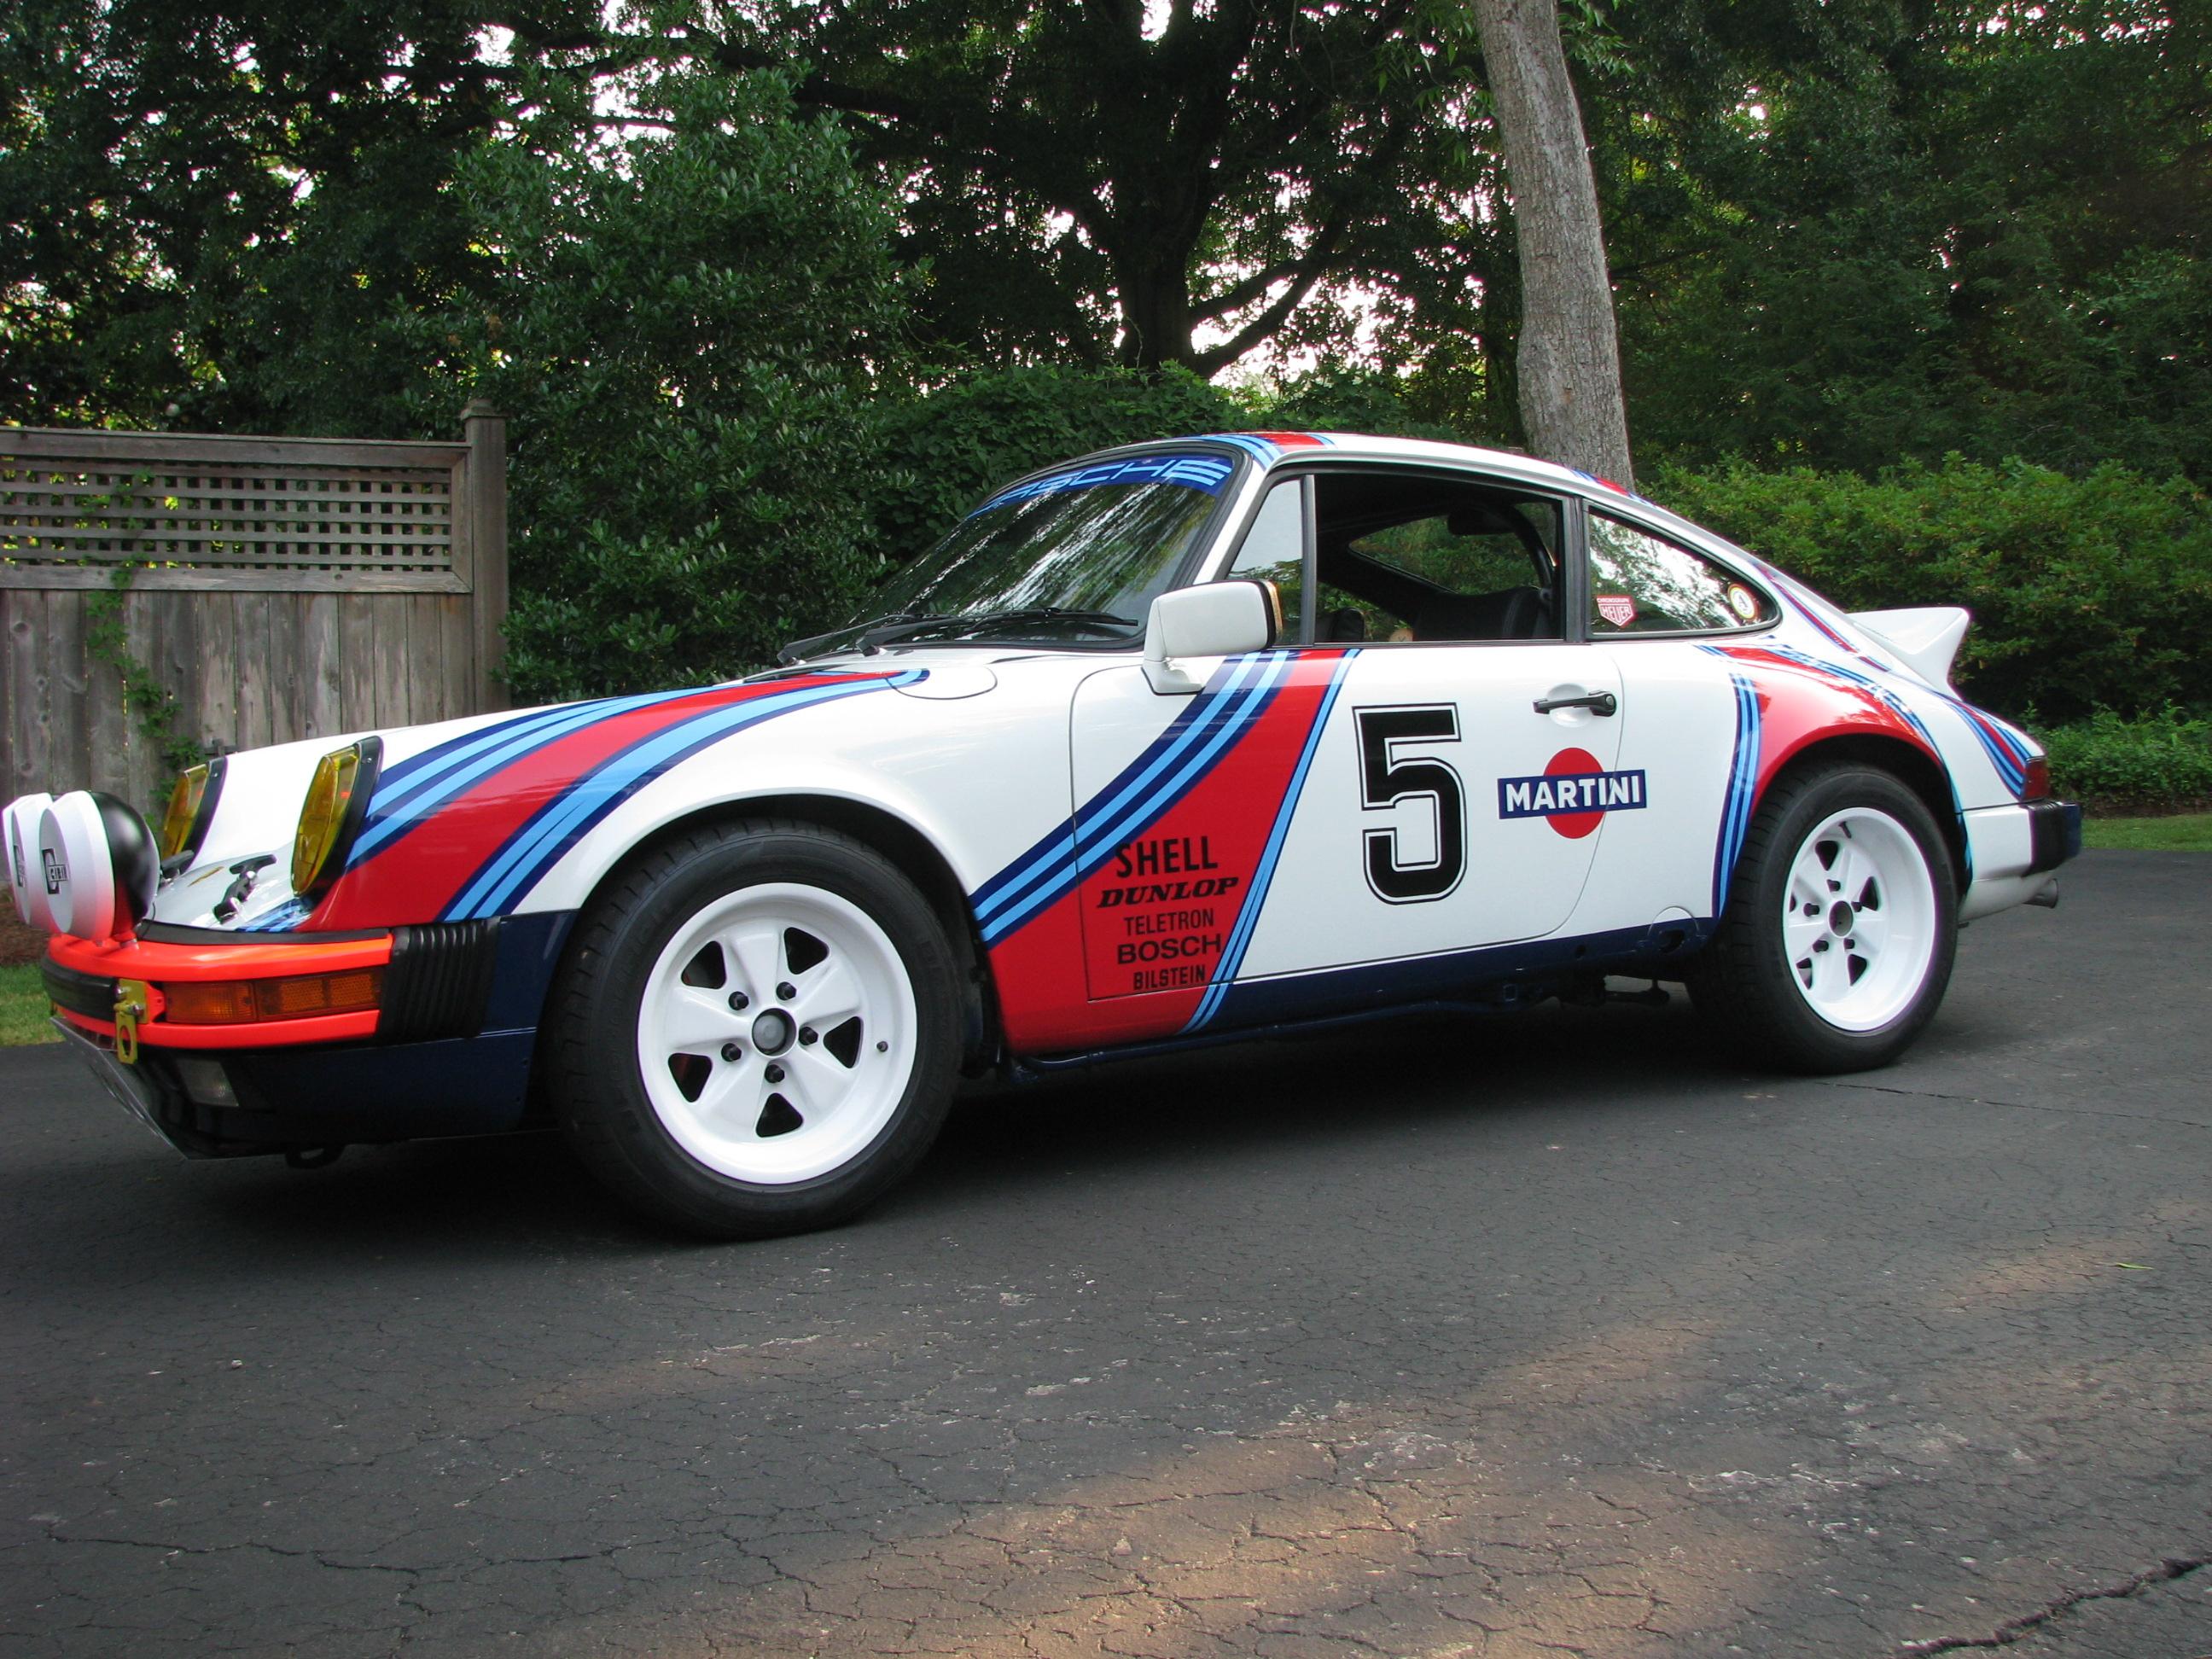 Martini Racing Inspired Porsche Carrera Rally Car